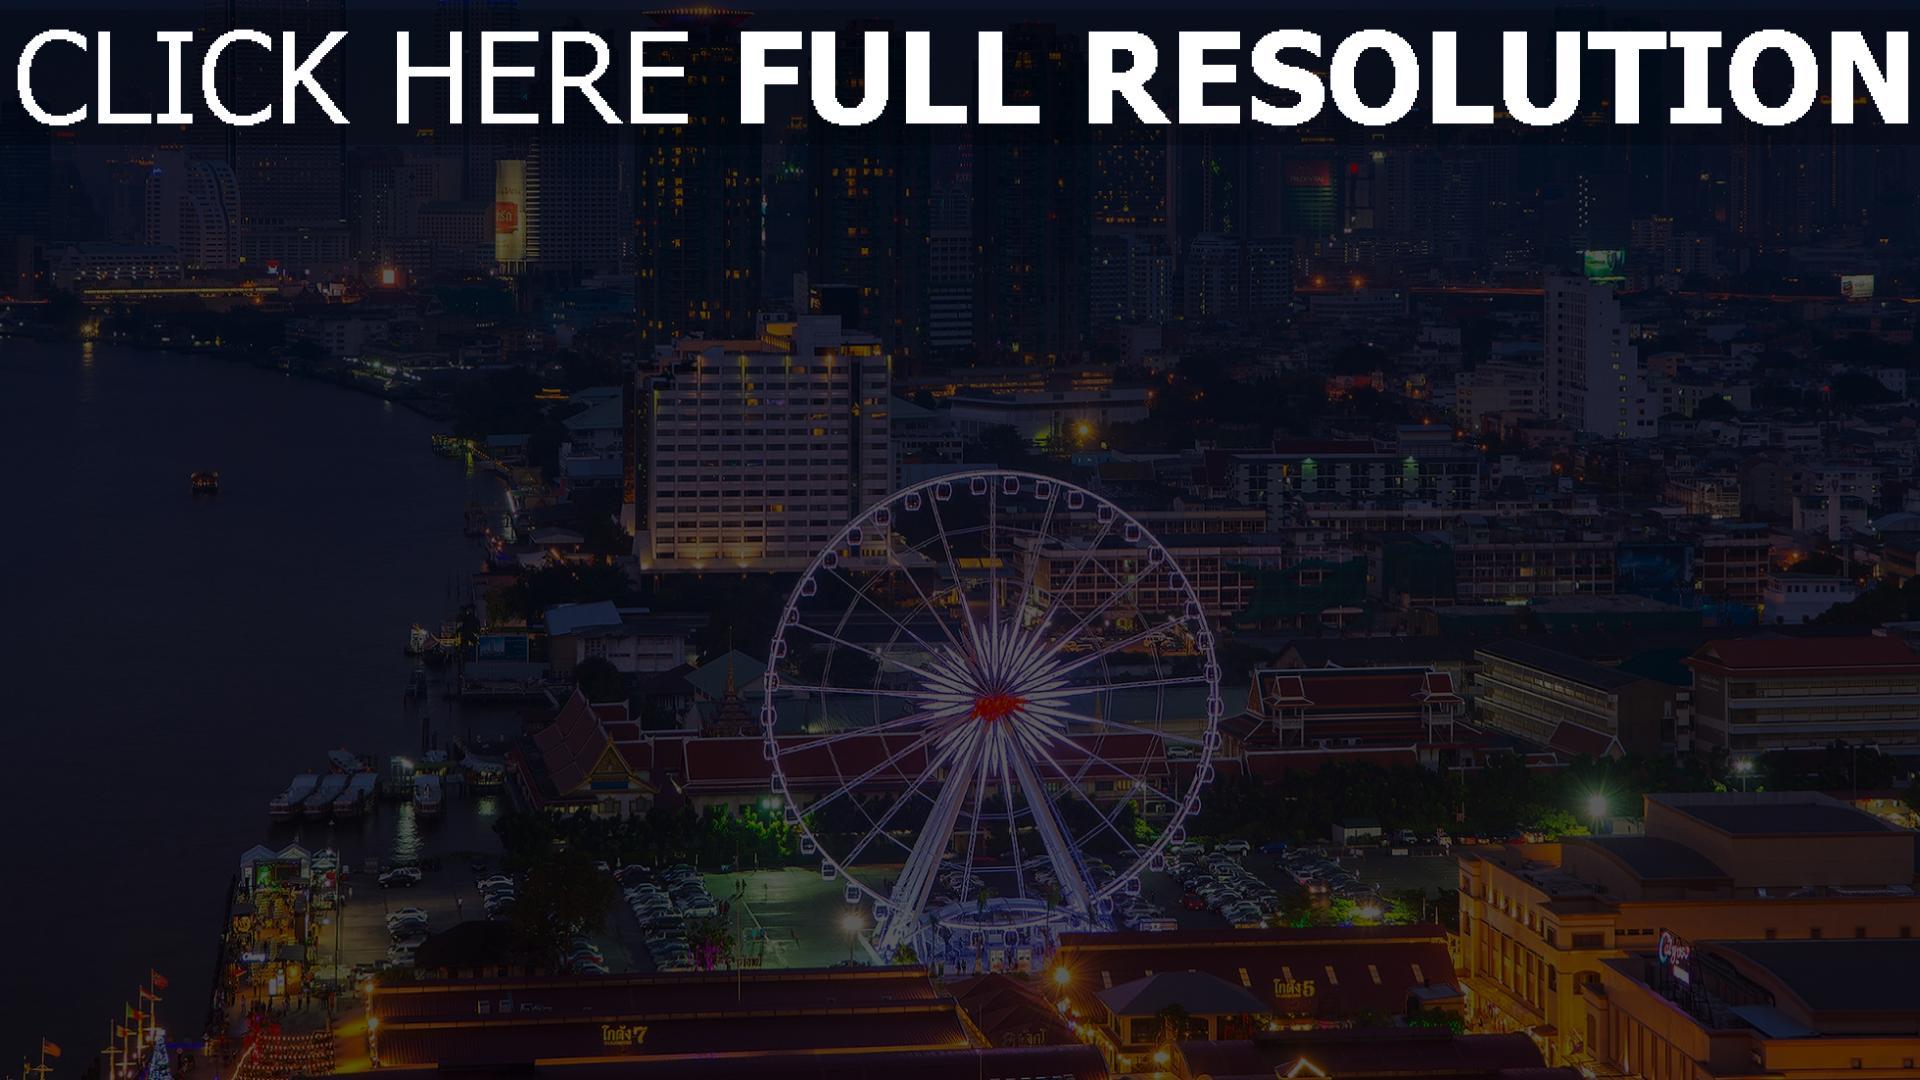 hd hintergrundbilder bangkok wolkenkratzer metropole riesenrad häuser nachtstadt 1920x1080